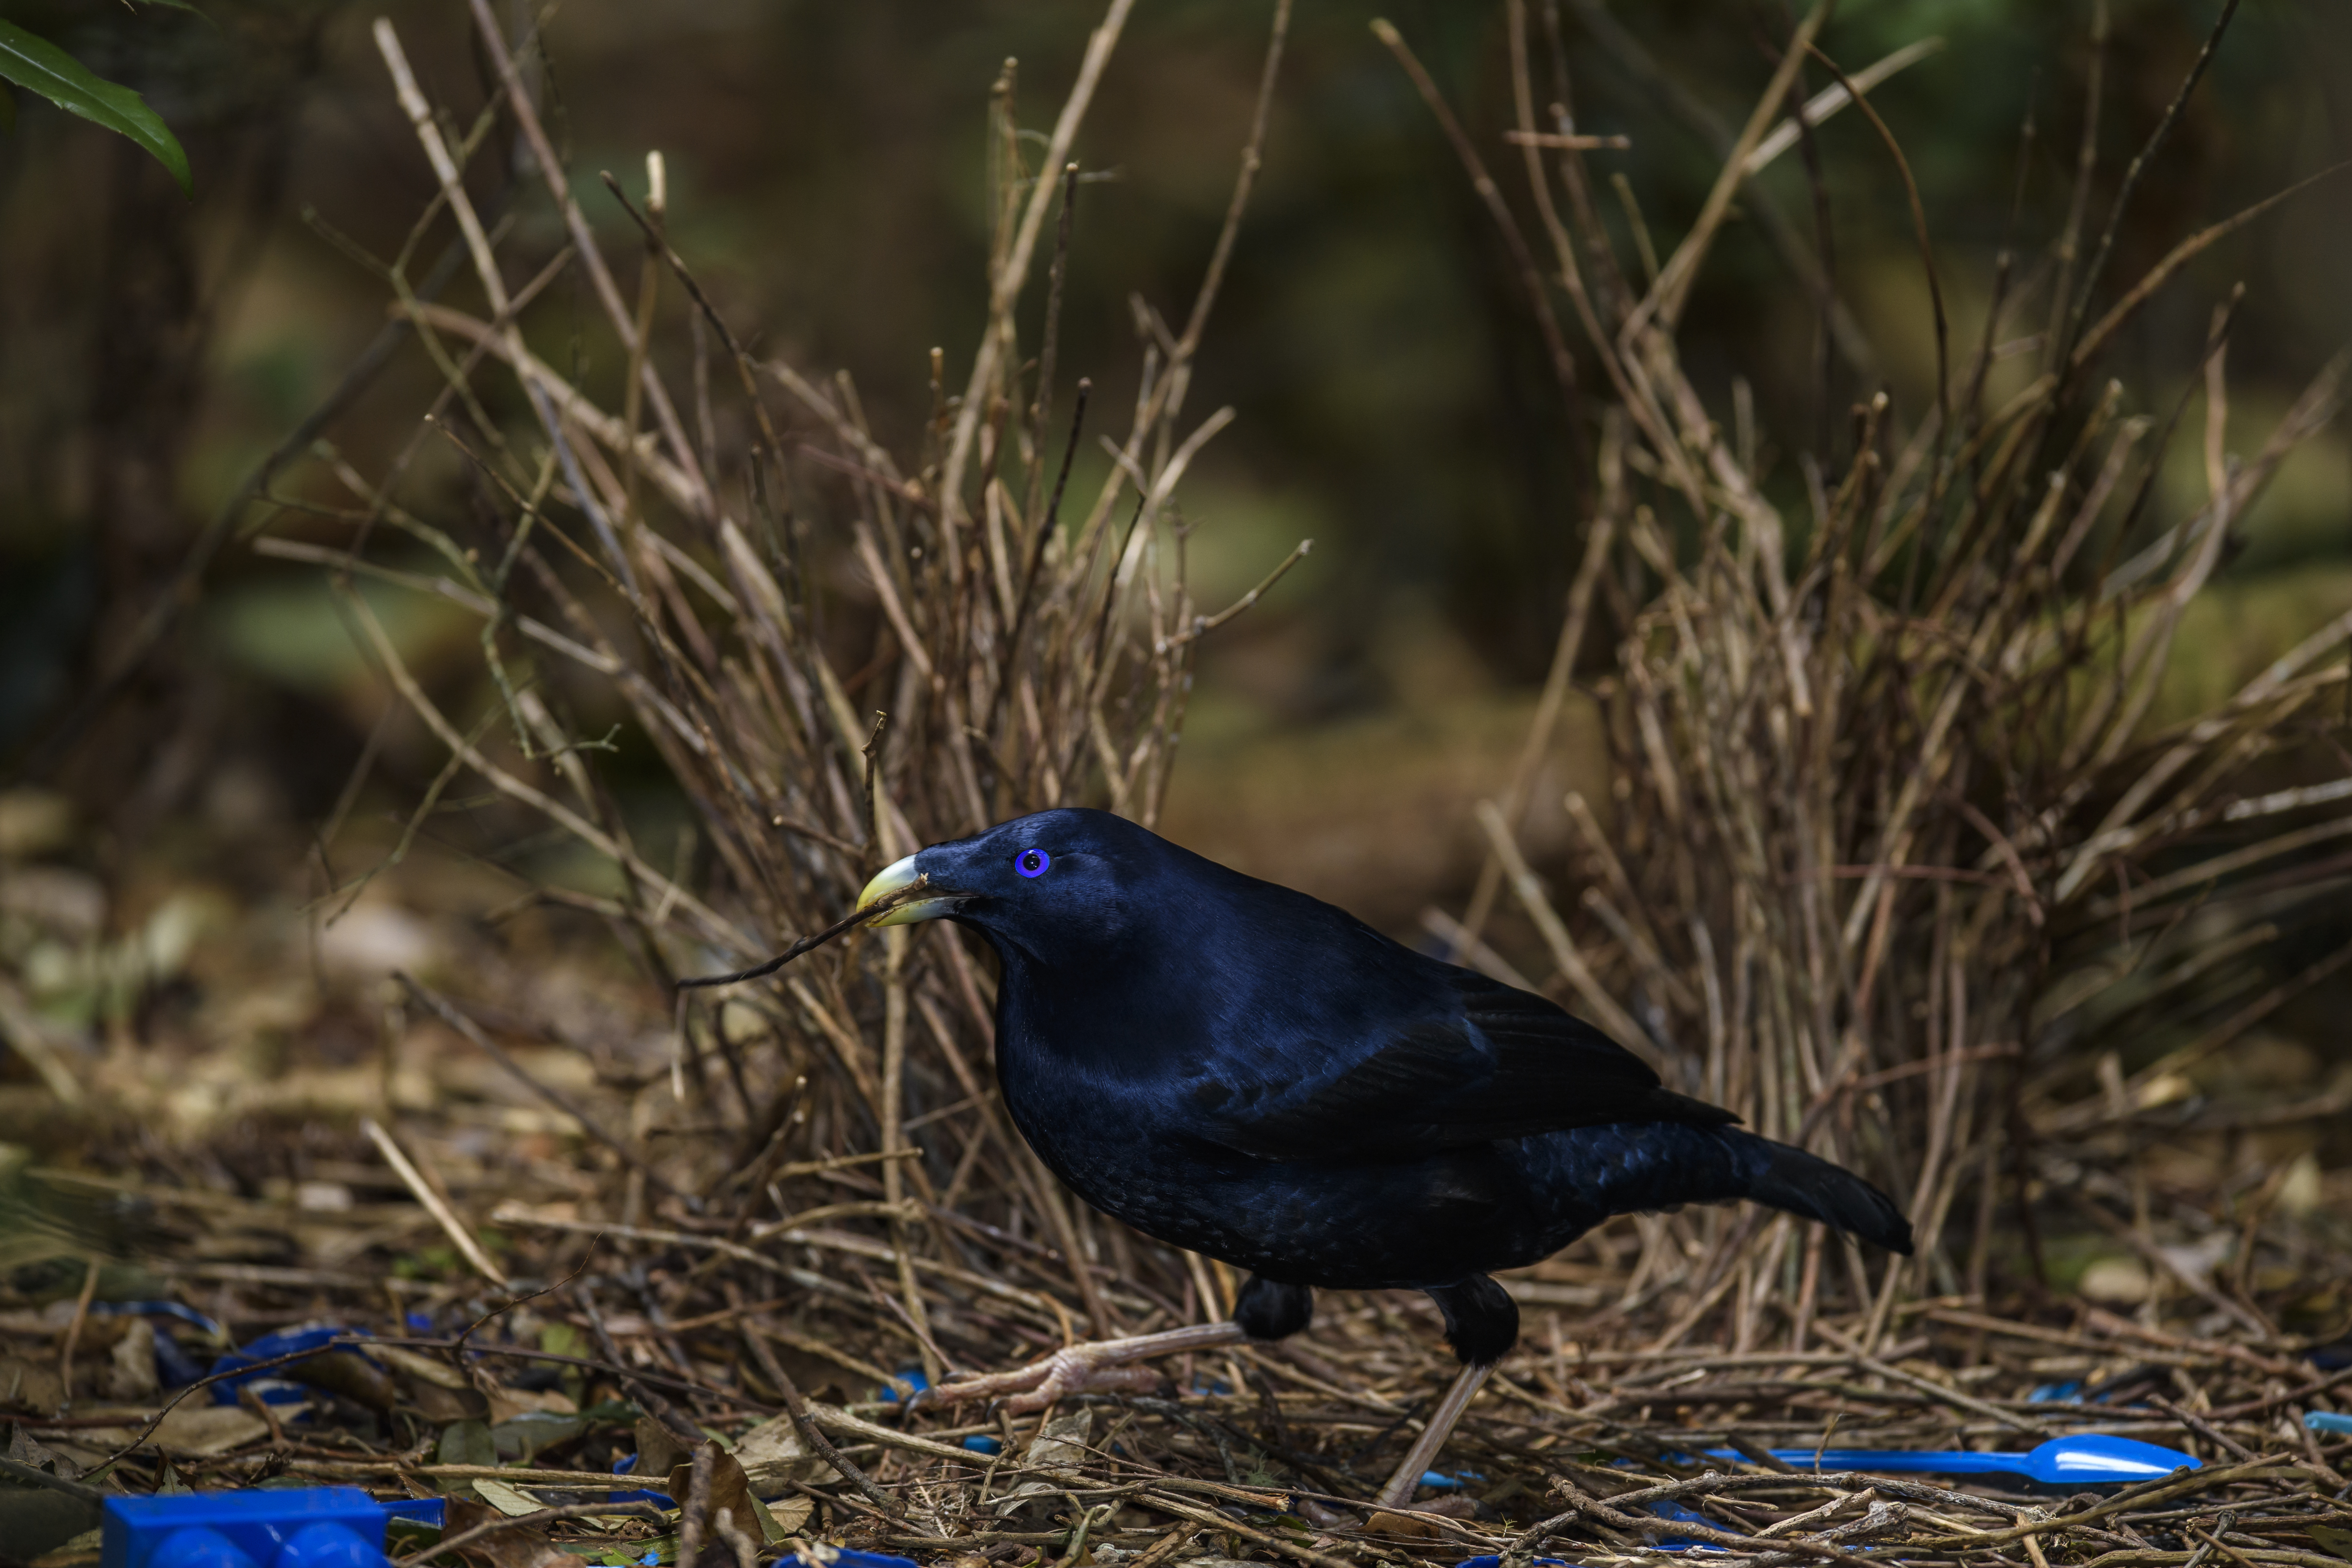 Satin Bowerbird 4